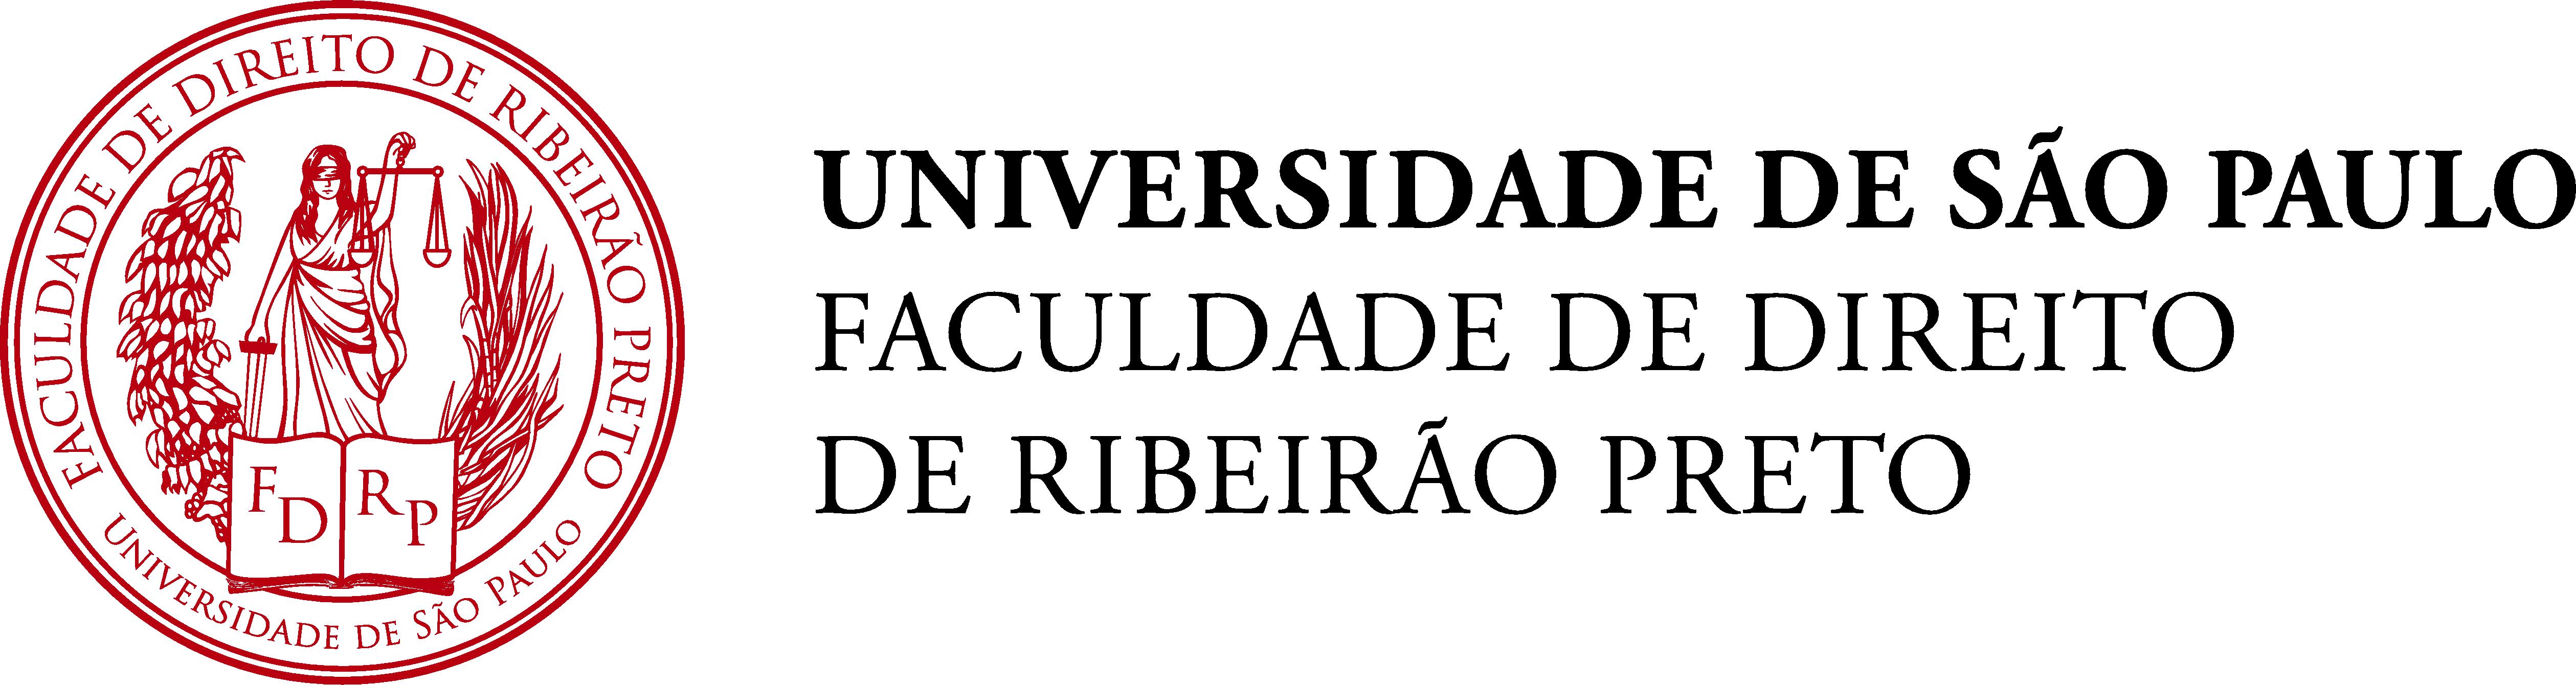 FDRP - USP